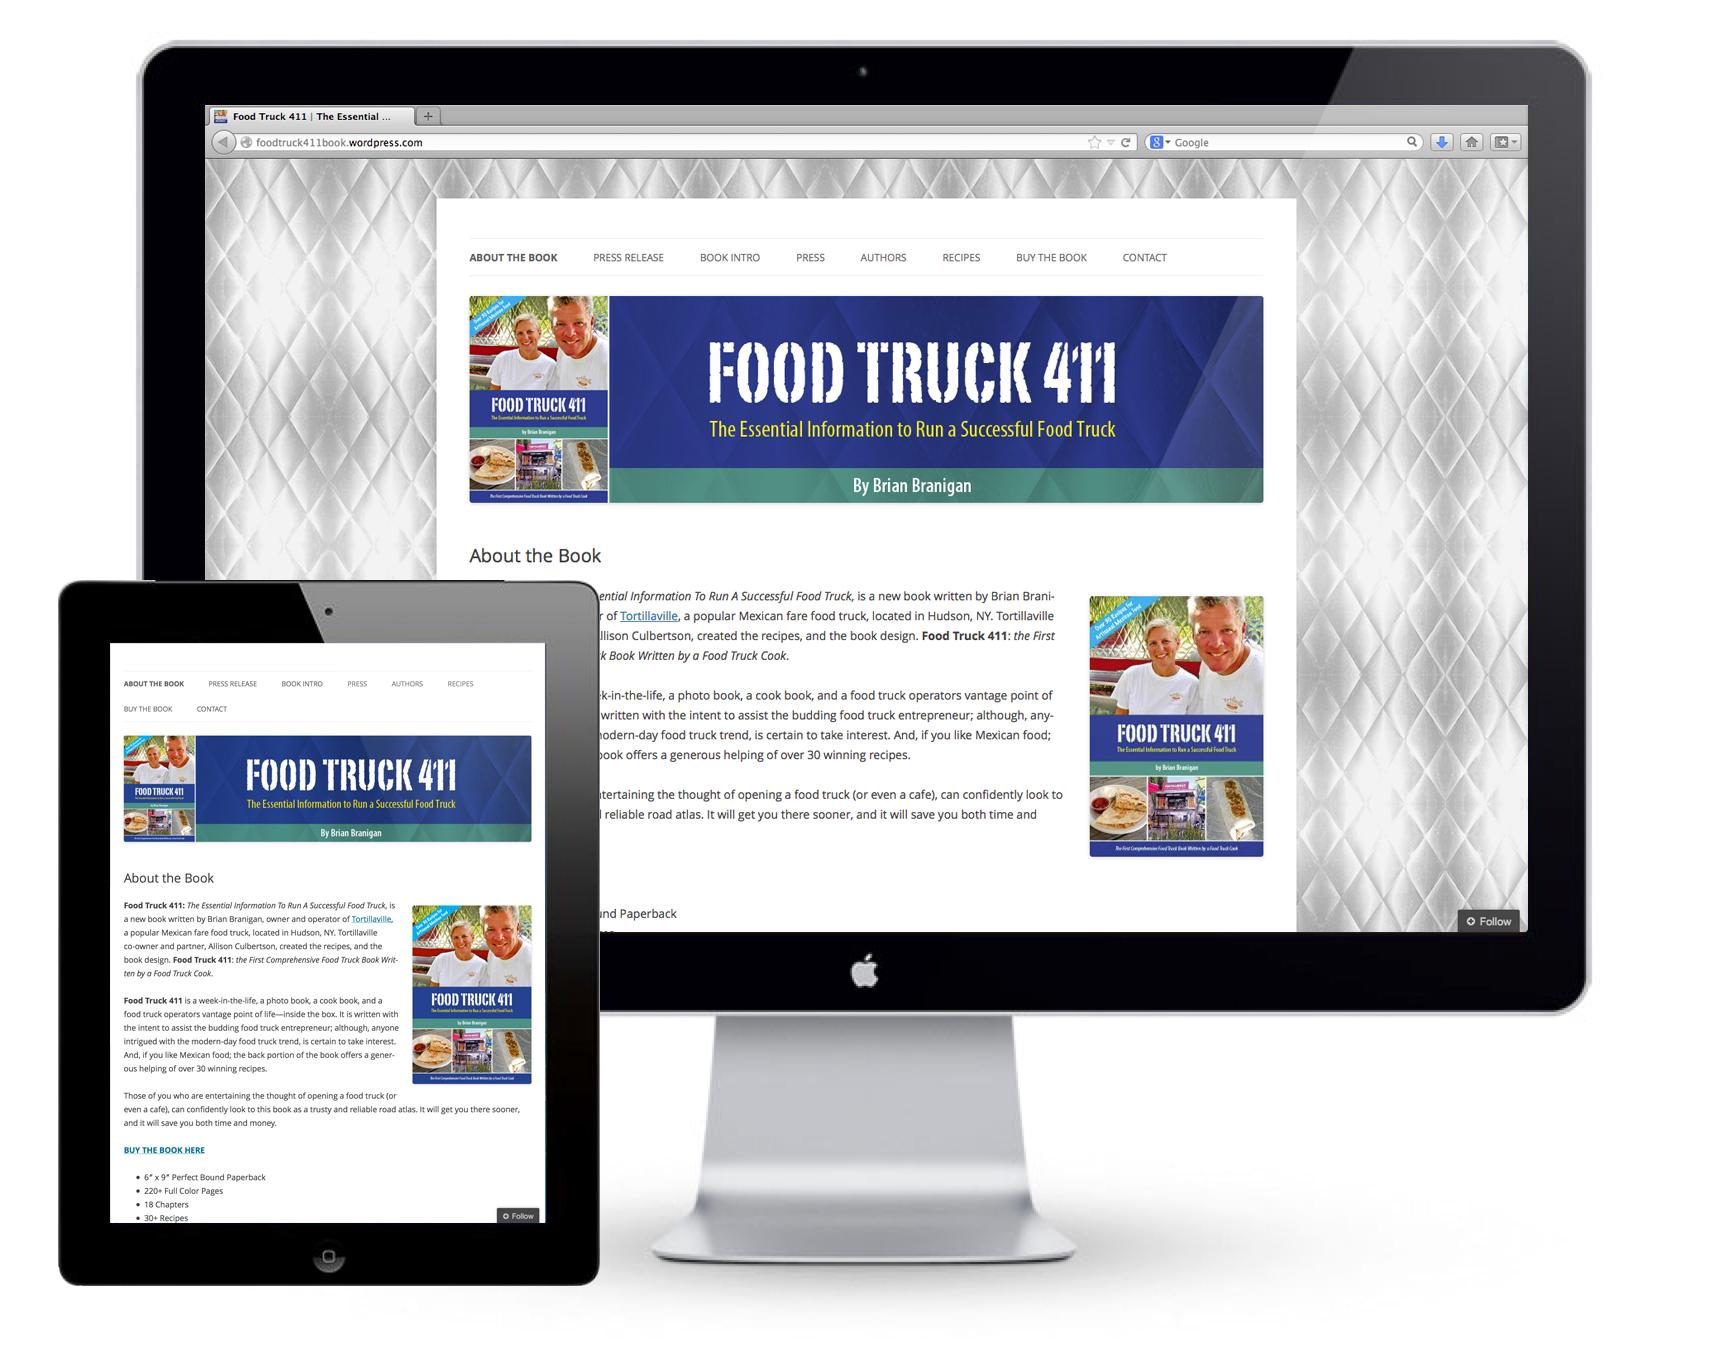 Food Truck 411 Website